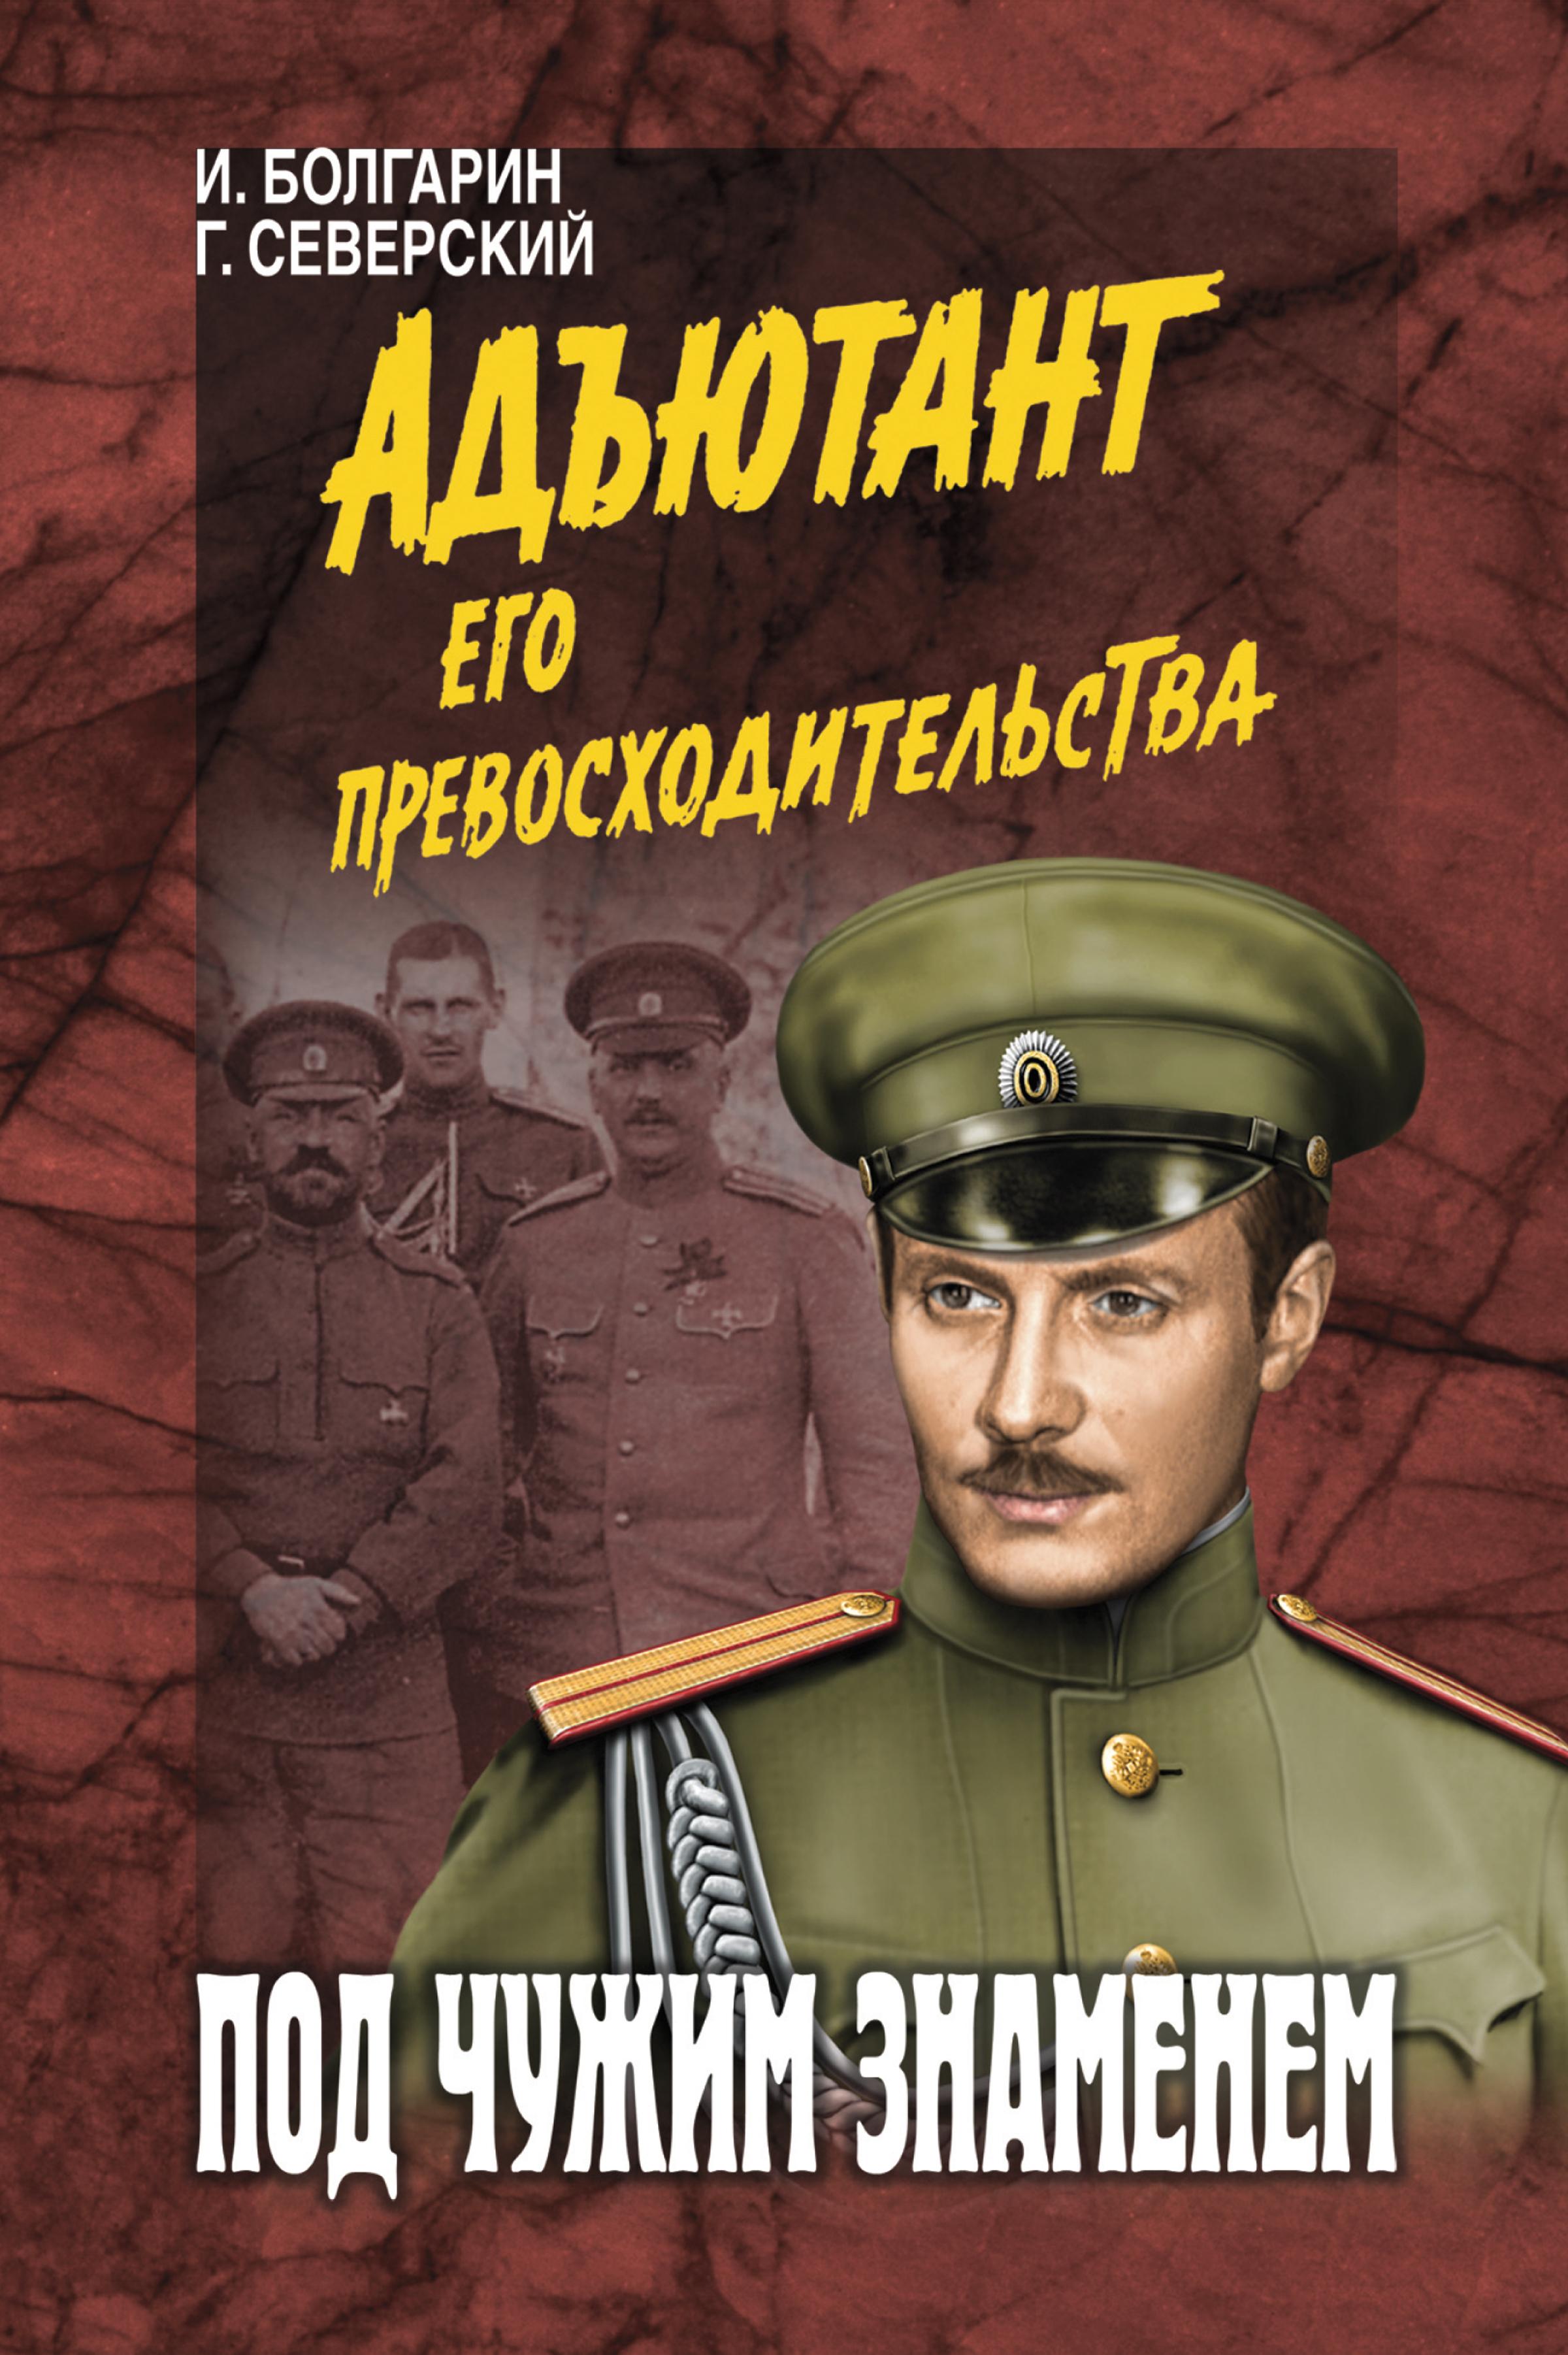 Георгий Северский, Игорь Болгарин «Под чужим знаменем»